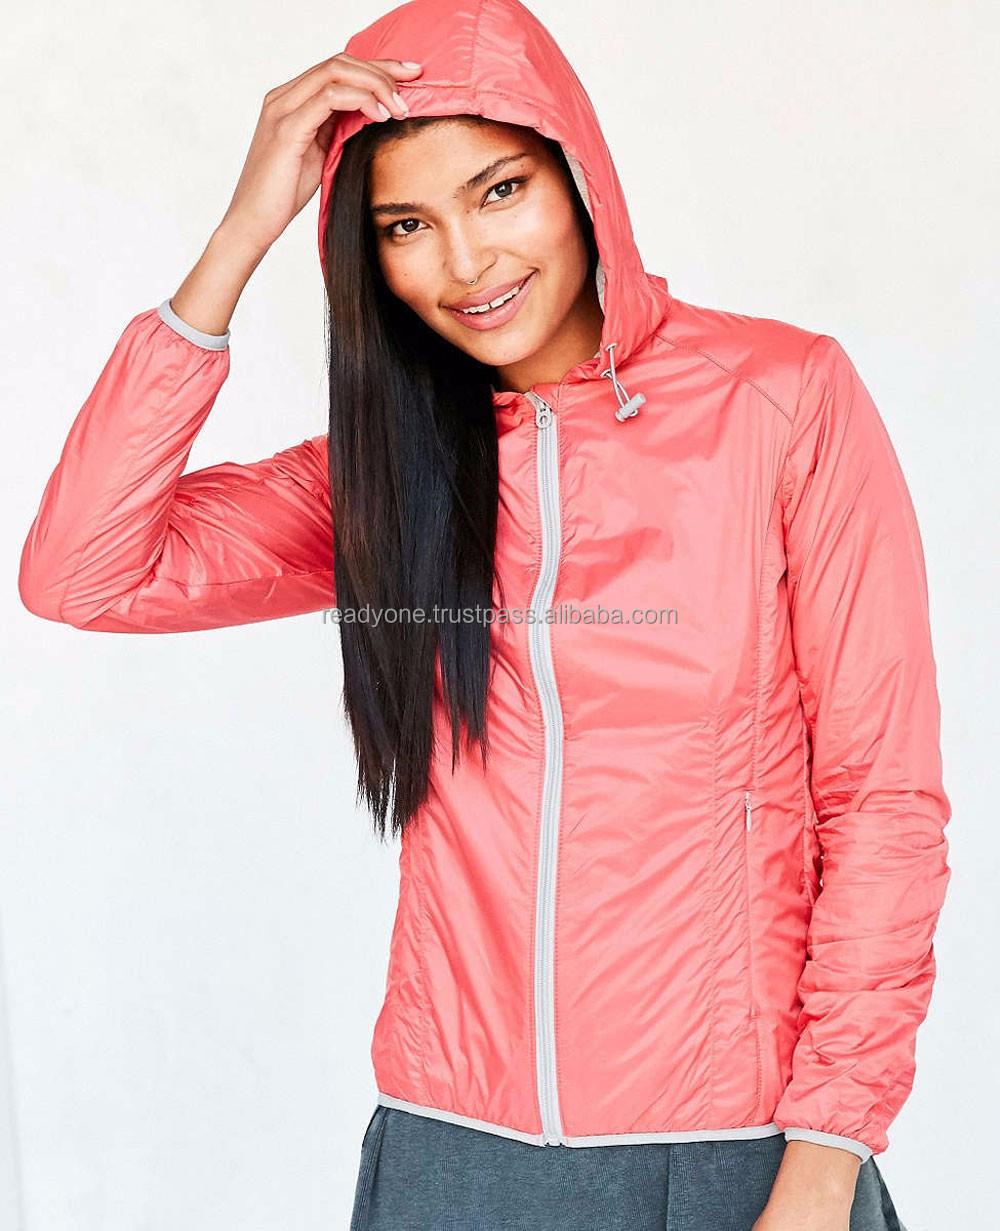 Encuentre el mejor fabricante de chaquetas publicitarias y chaquetas ...